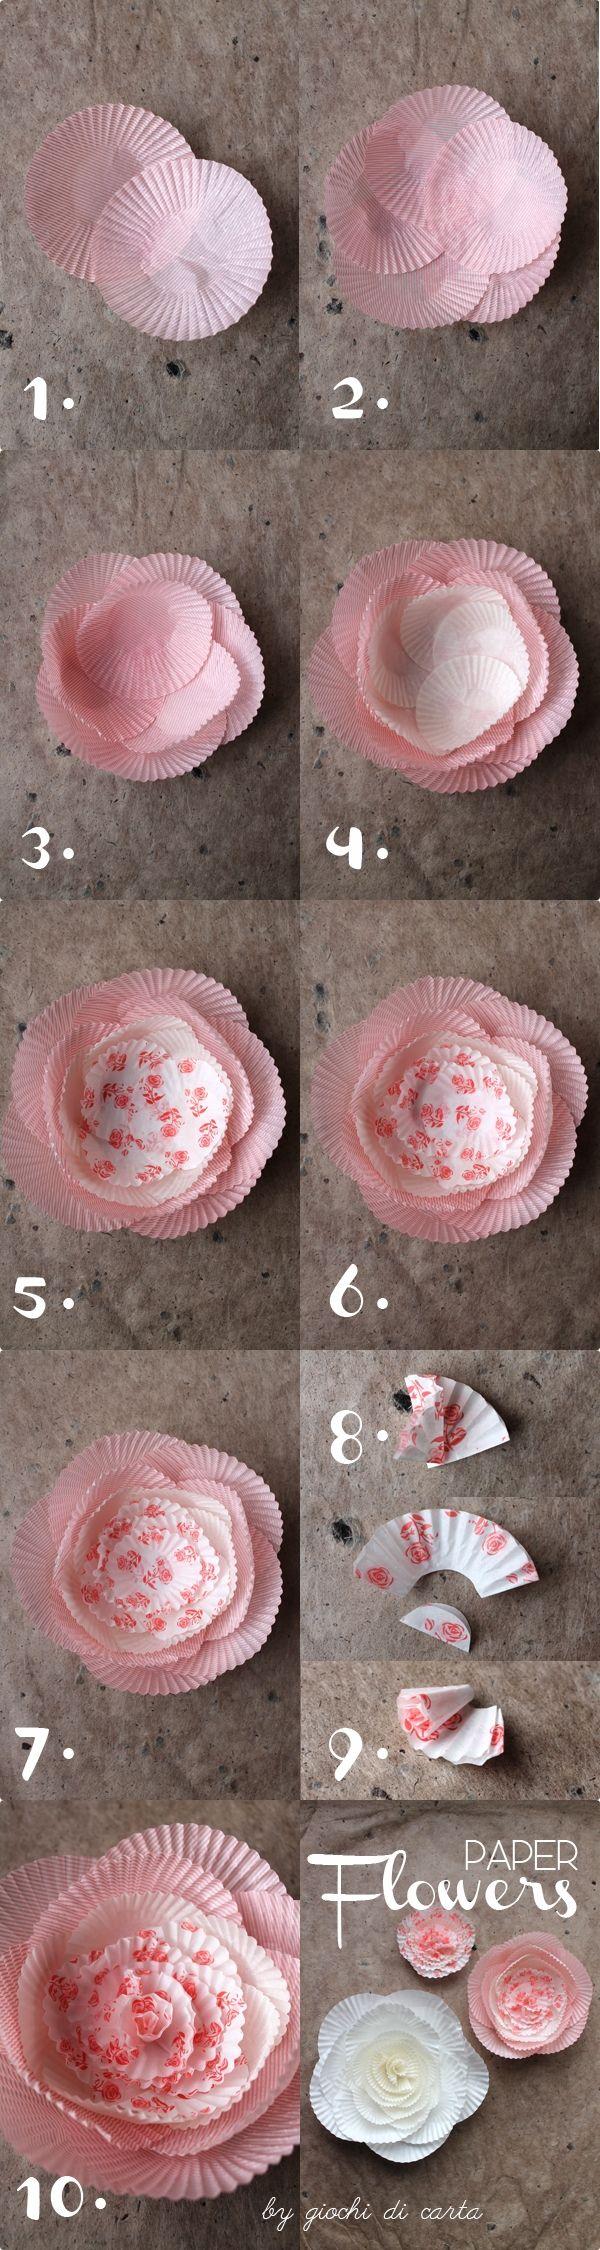 BZCasa Magazine - http://mag.bzcasa.it/abitare/casa-green/decorazioni-di-natale-fai-da-te-7-fiori-con-i-pirottini-dei-cupcakes-557/